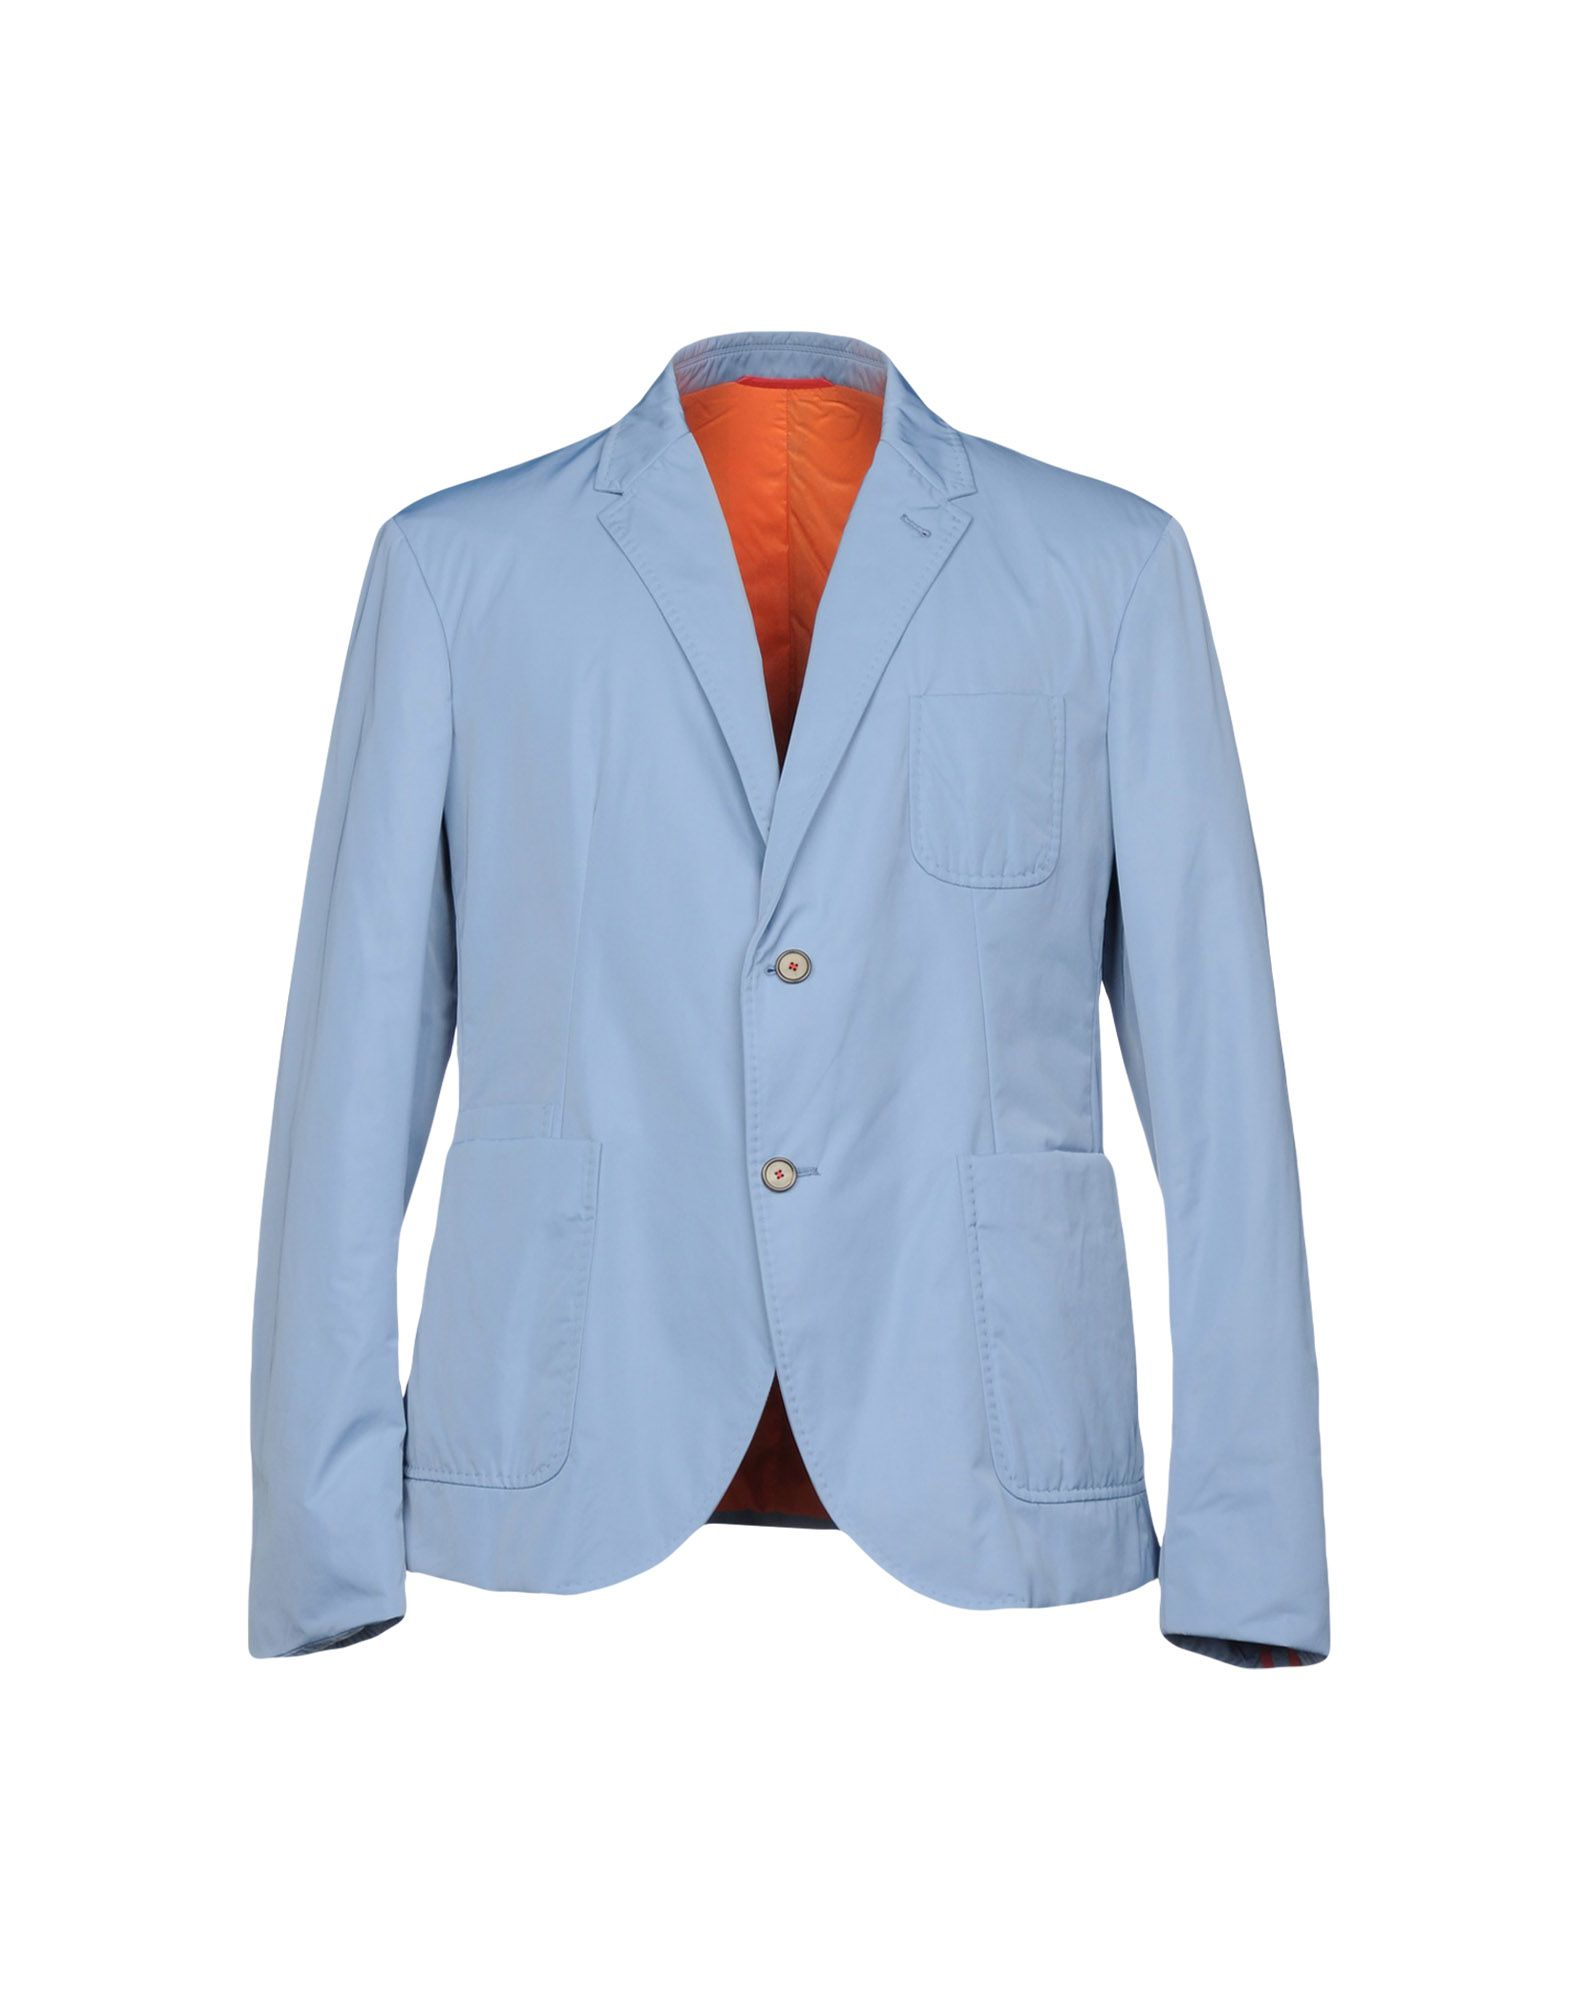 《期間限定セール中》SOME WEAR ELSE メンズ テーラードジャケット アジュールブルー 52 100% ポリエステル